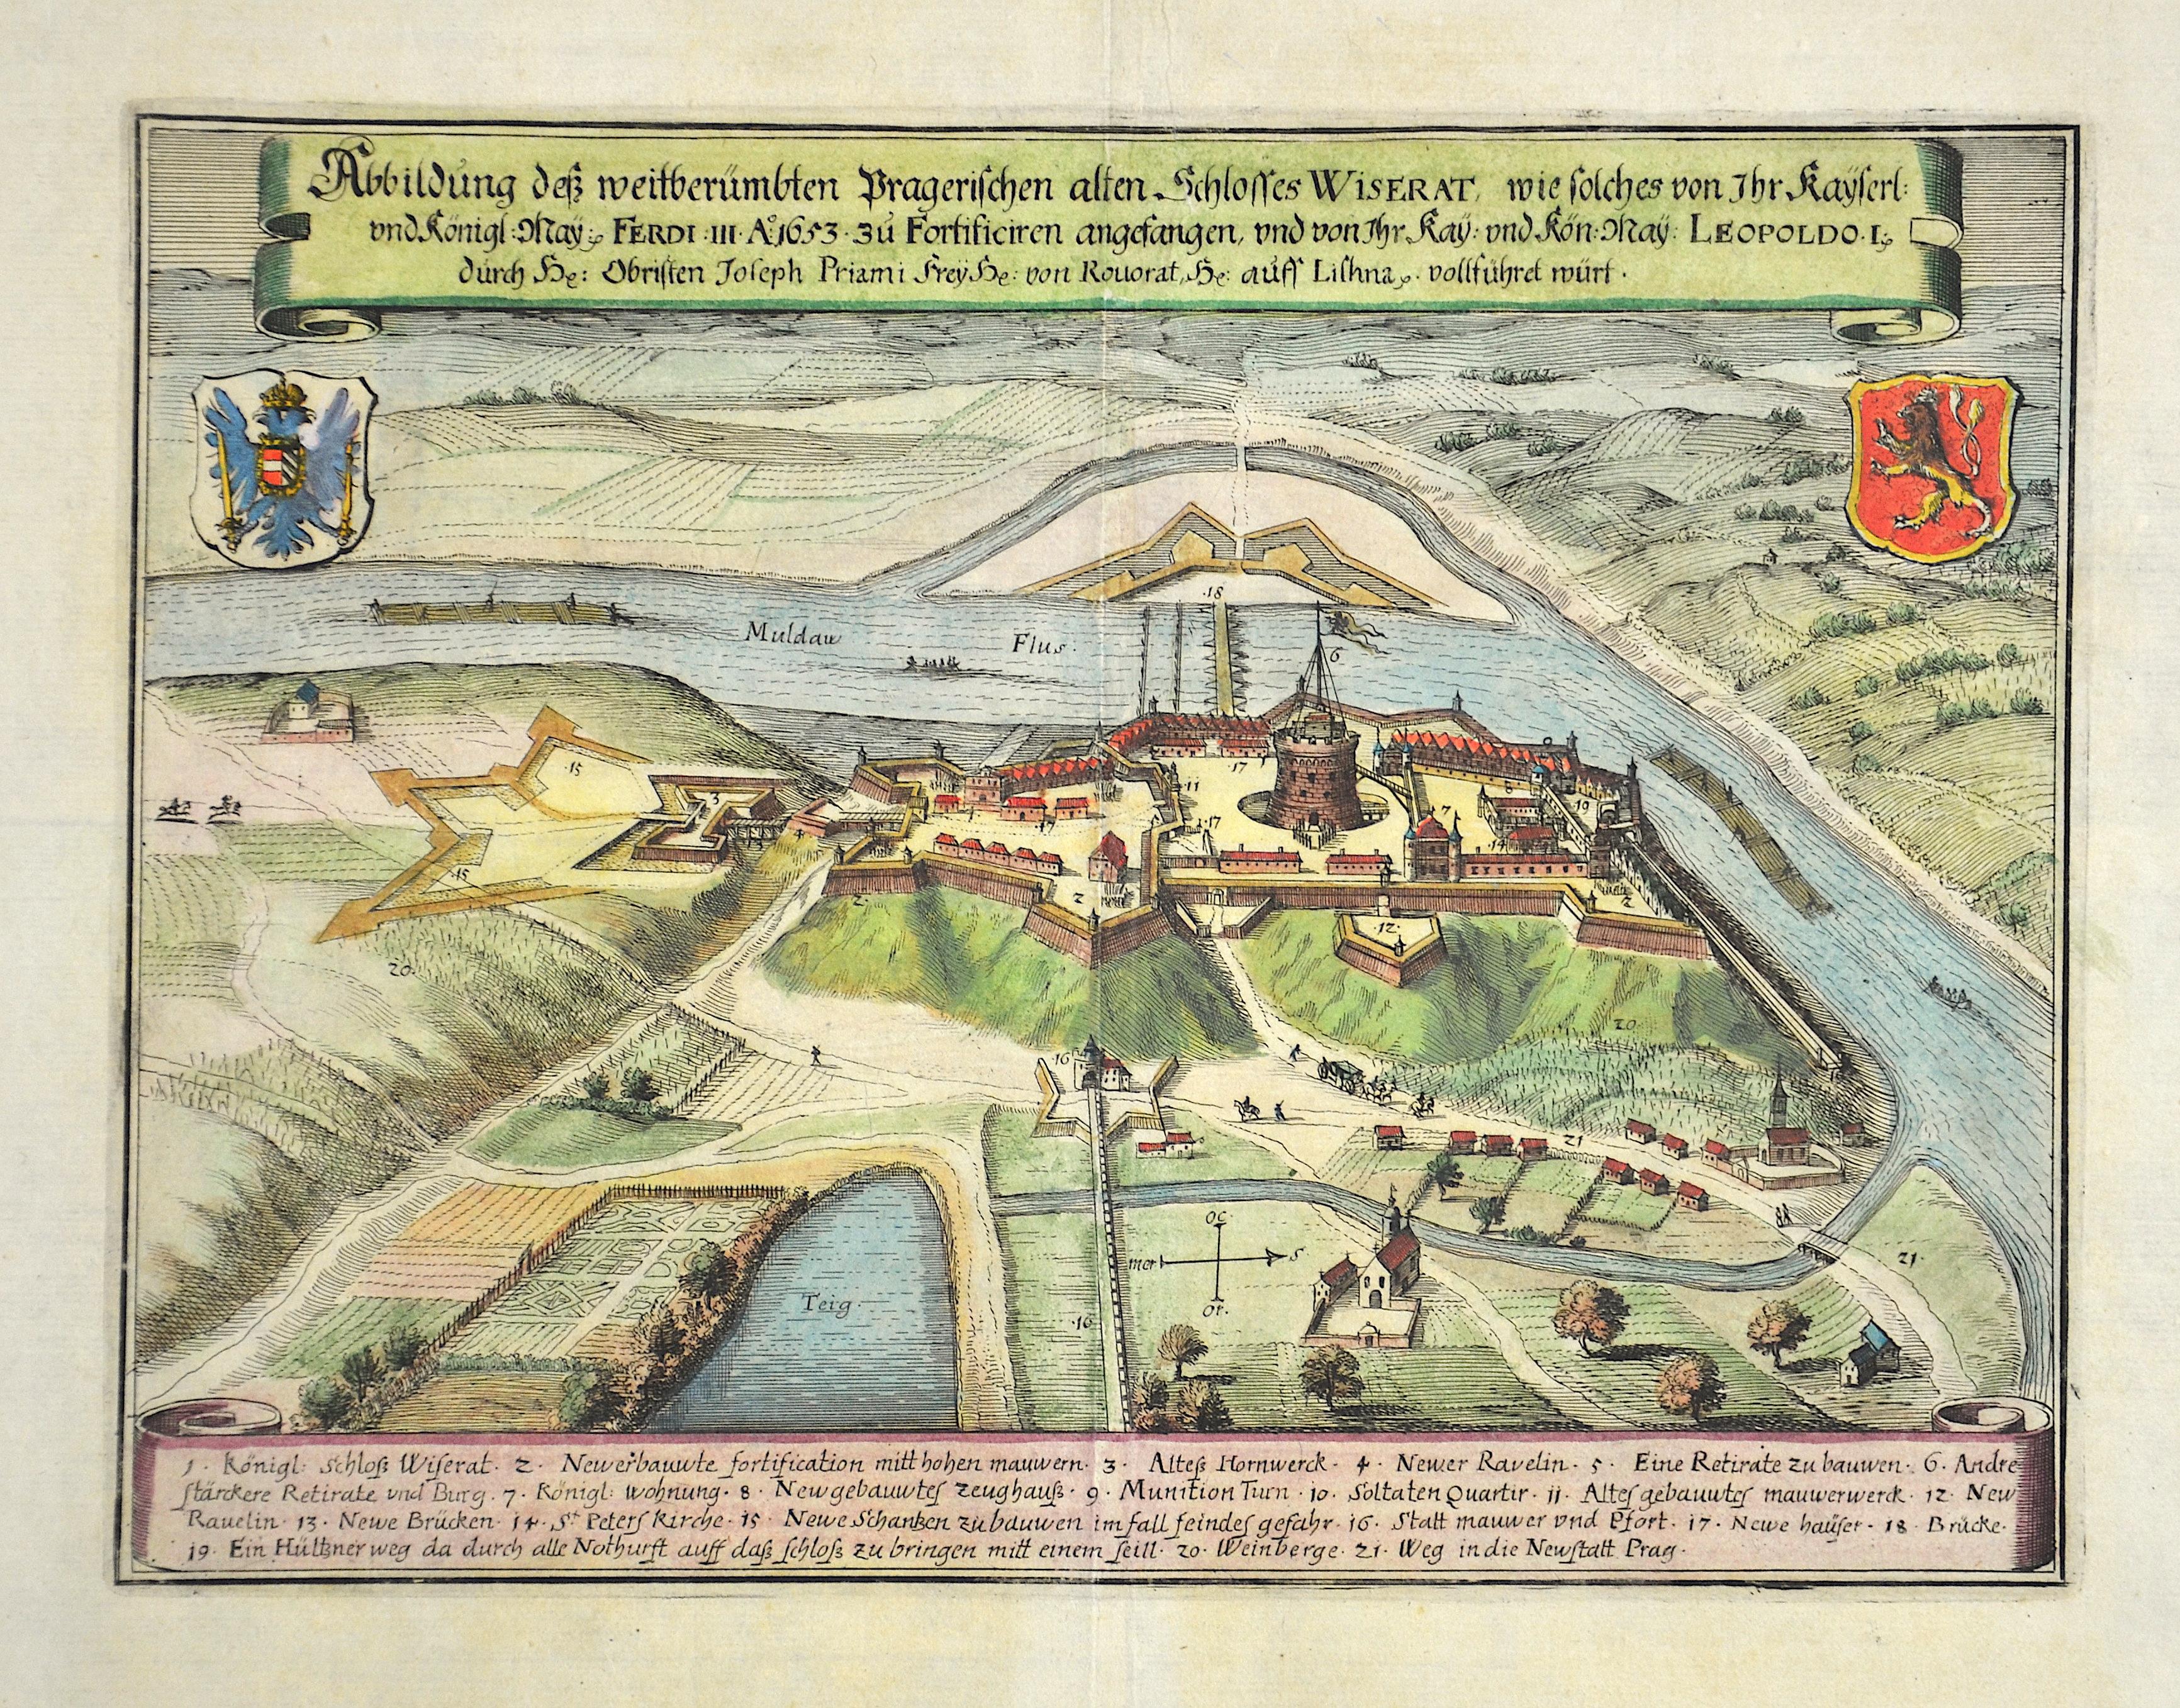 Merian Matthäus Abbildung dess weitberümbten Pragerischen alten Schlosses Wiserat, wie solches von Ihr kayserlich und königlich May. Ferdi III A:1653 zu Fortifizieren